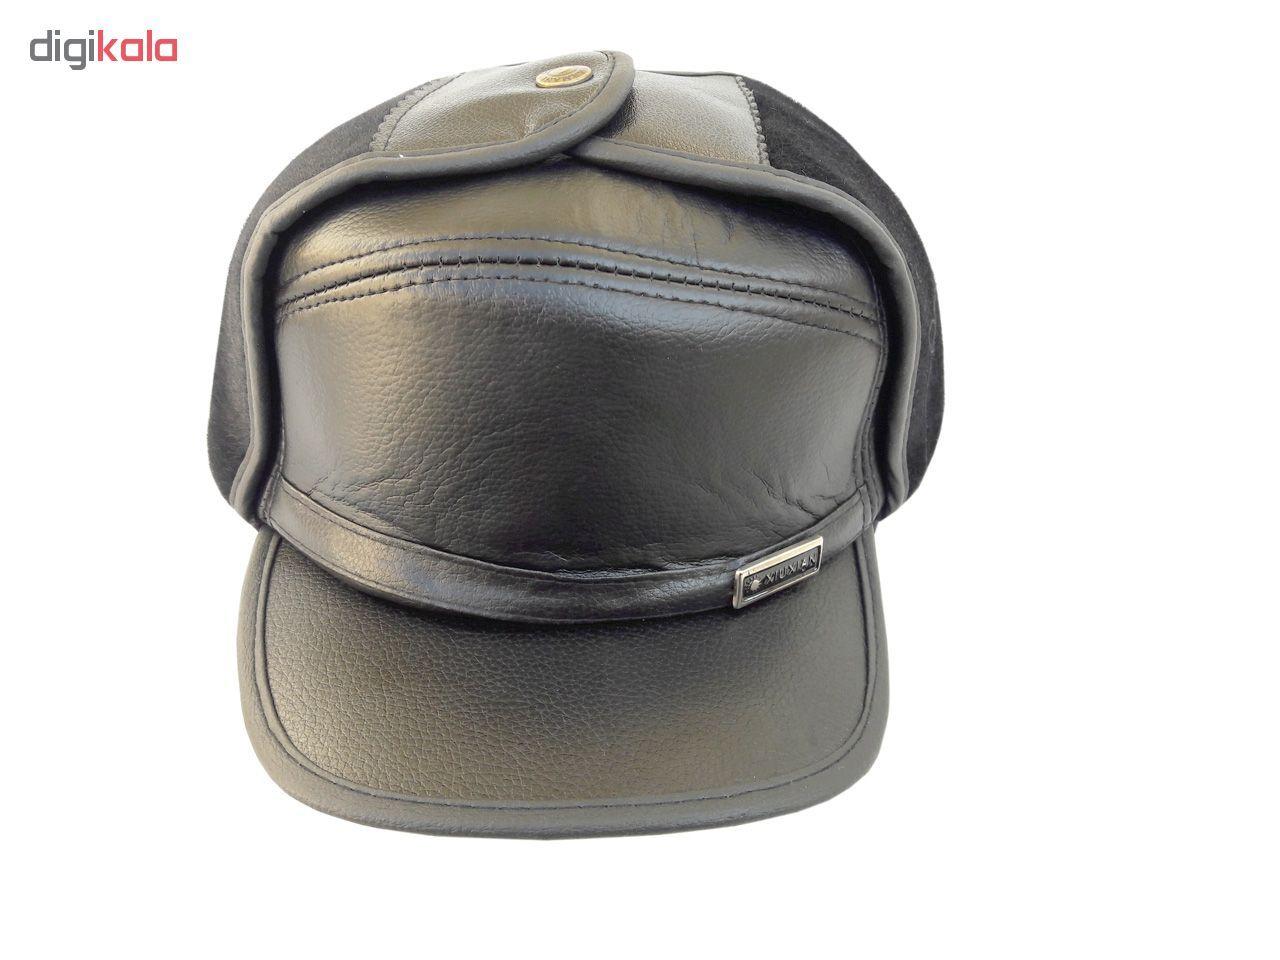 کلاه مردانه کد GH41 main 1 1